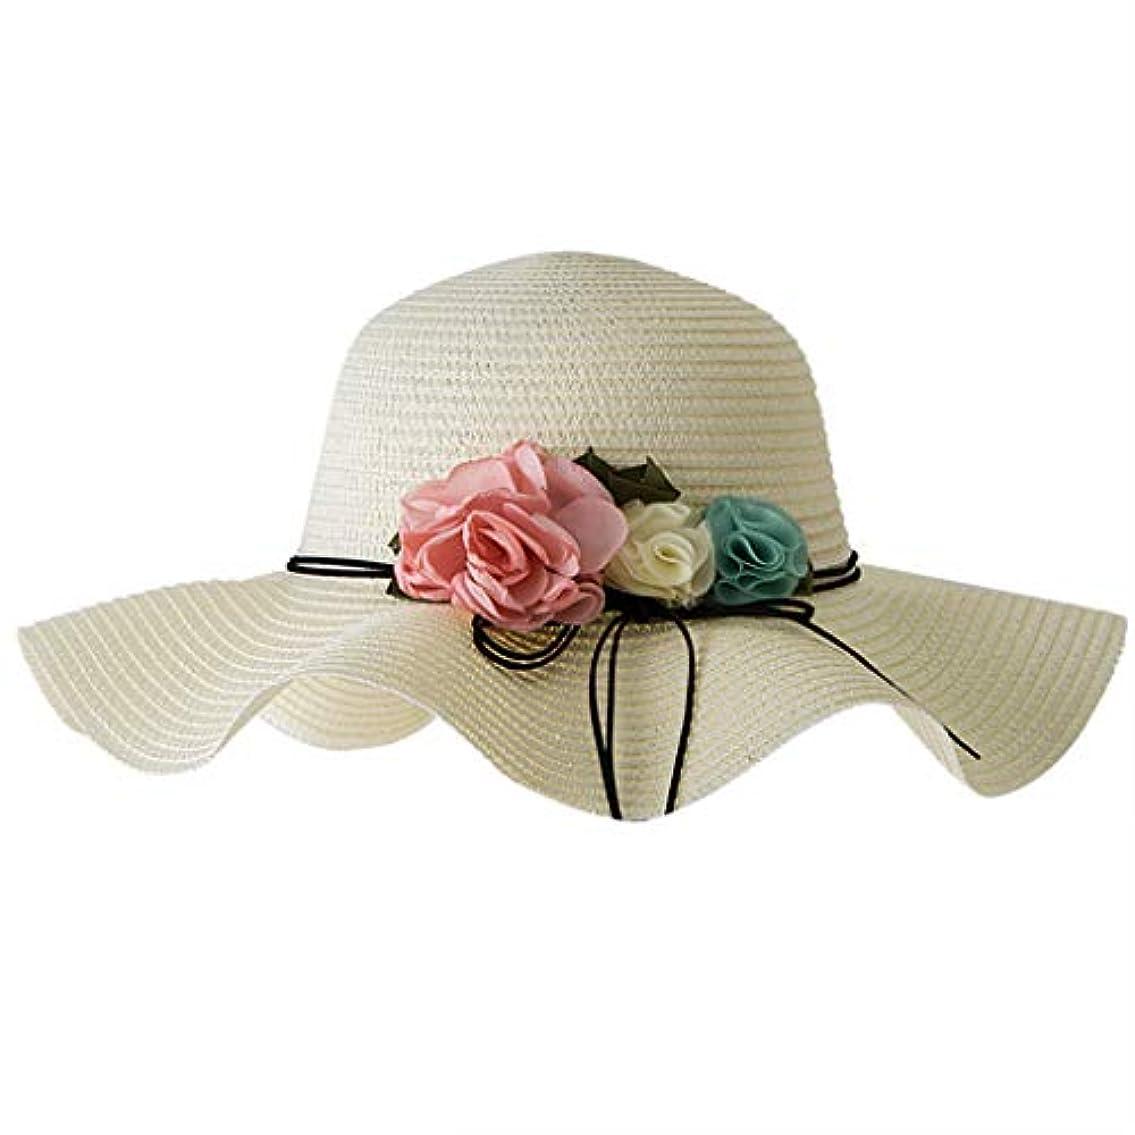 状びっくりする鷲アウトドアファッションビッグバイザー UVカット 帽子 レディース 春用帽子 小顔効果 折りたため 日よけ帽子 高性能 高耐久性 女性の春と夏の無地のコットンキャップ 漁師の帽子 流域キャップ 日焼け対策 ROSE ROMAN